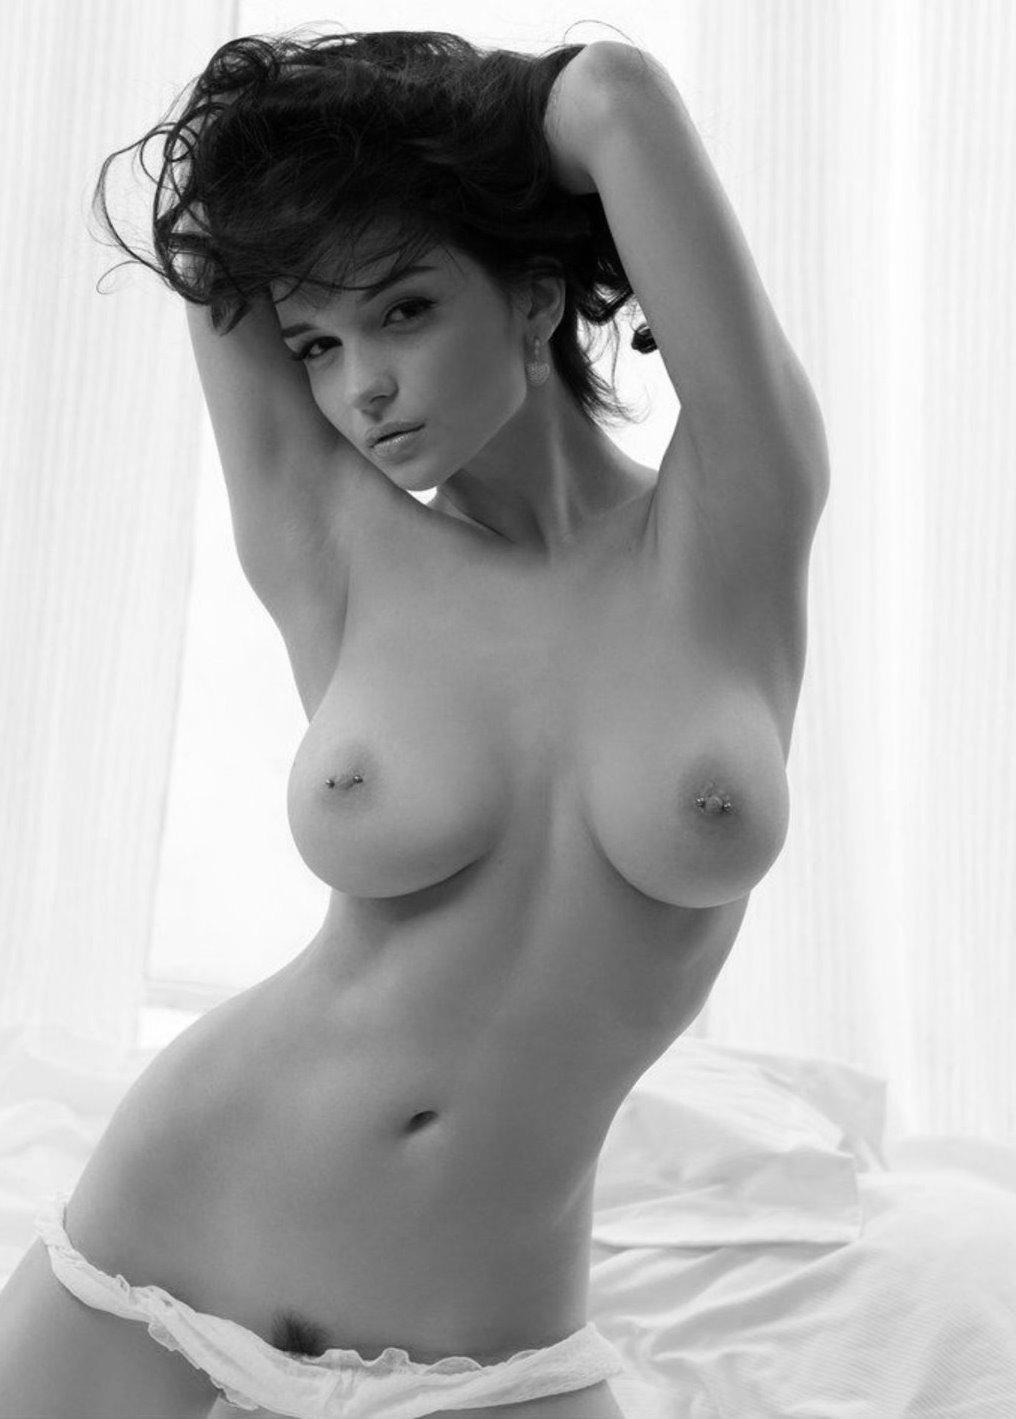 У жены большая красивая грудь частное порно фото 25 фотография